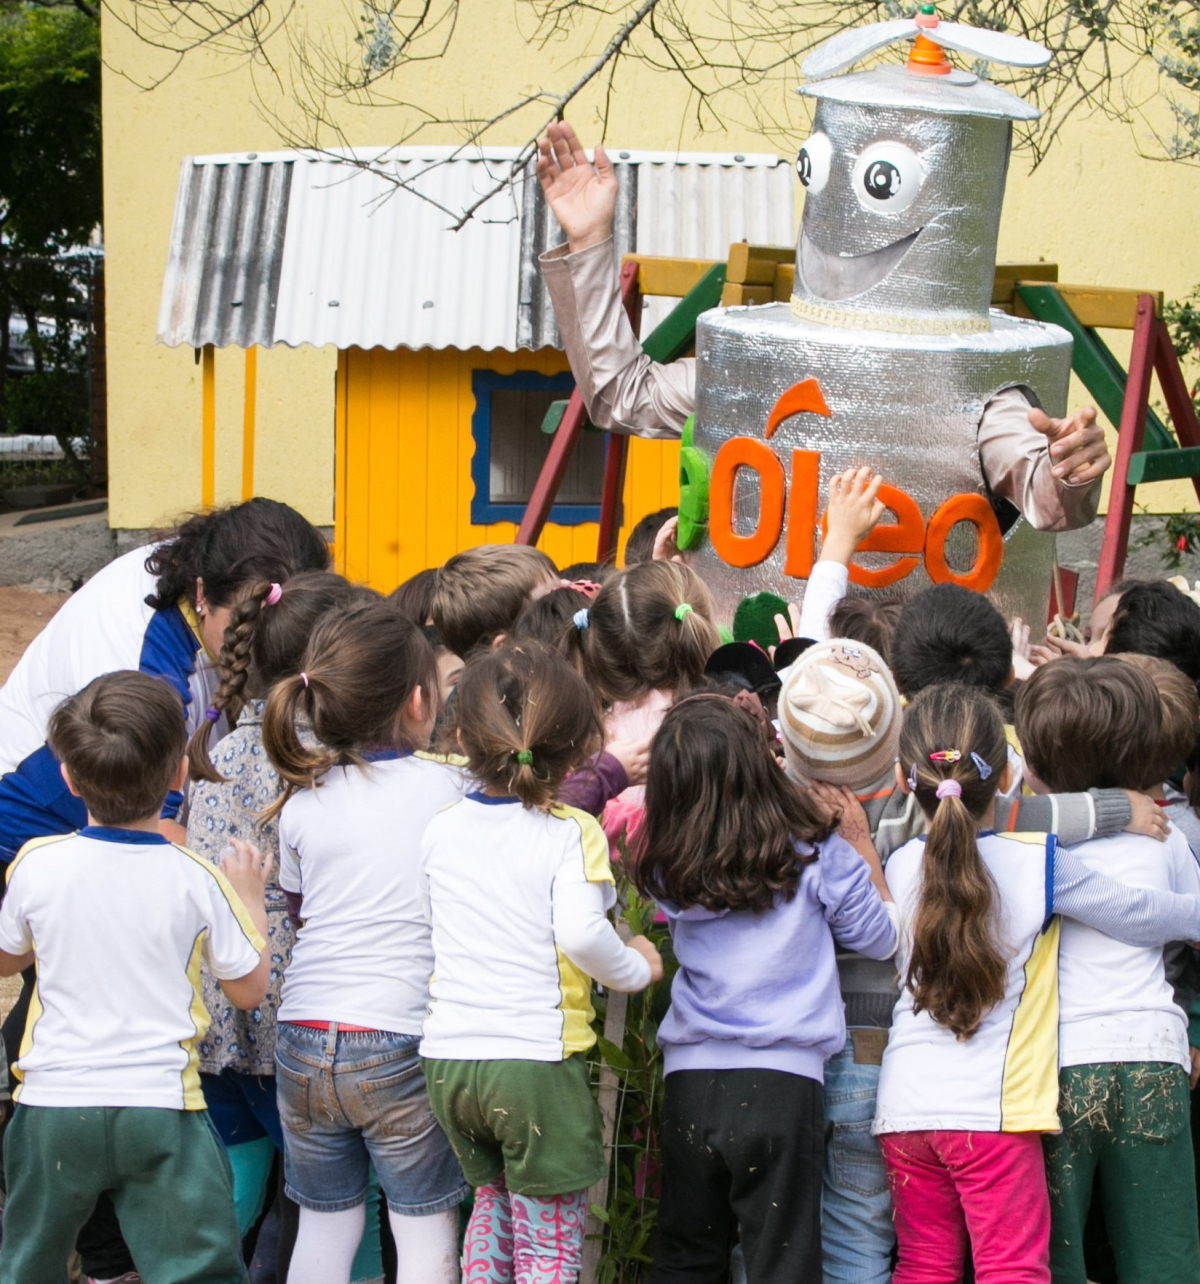 Estudantes aprendem sobre a importância da preservação ambiental e ajudam a multiplicar a ideia - Renato Gama/Divulgação